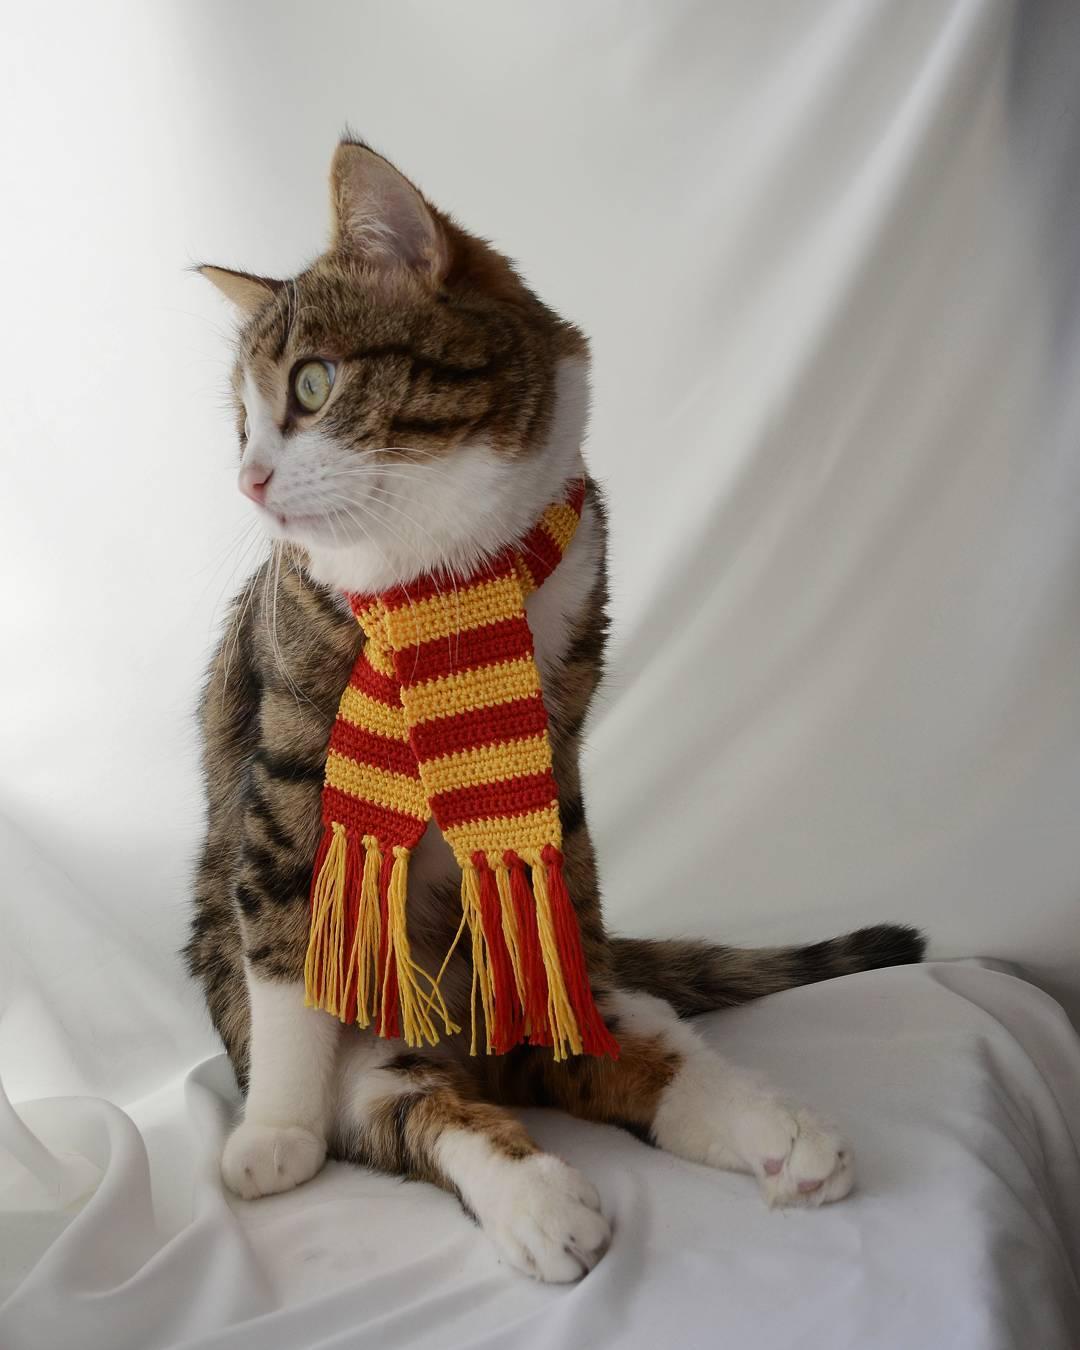 Rexie - Chàng mèo 'lưỡi cuốn' lạc quan nhất hệ mặt trời